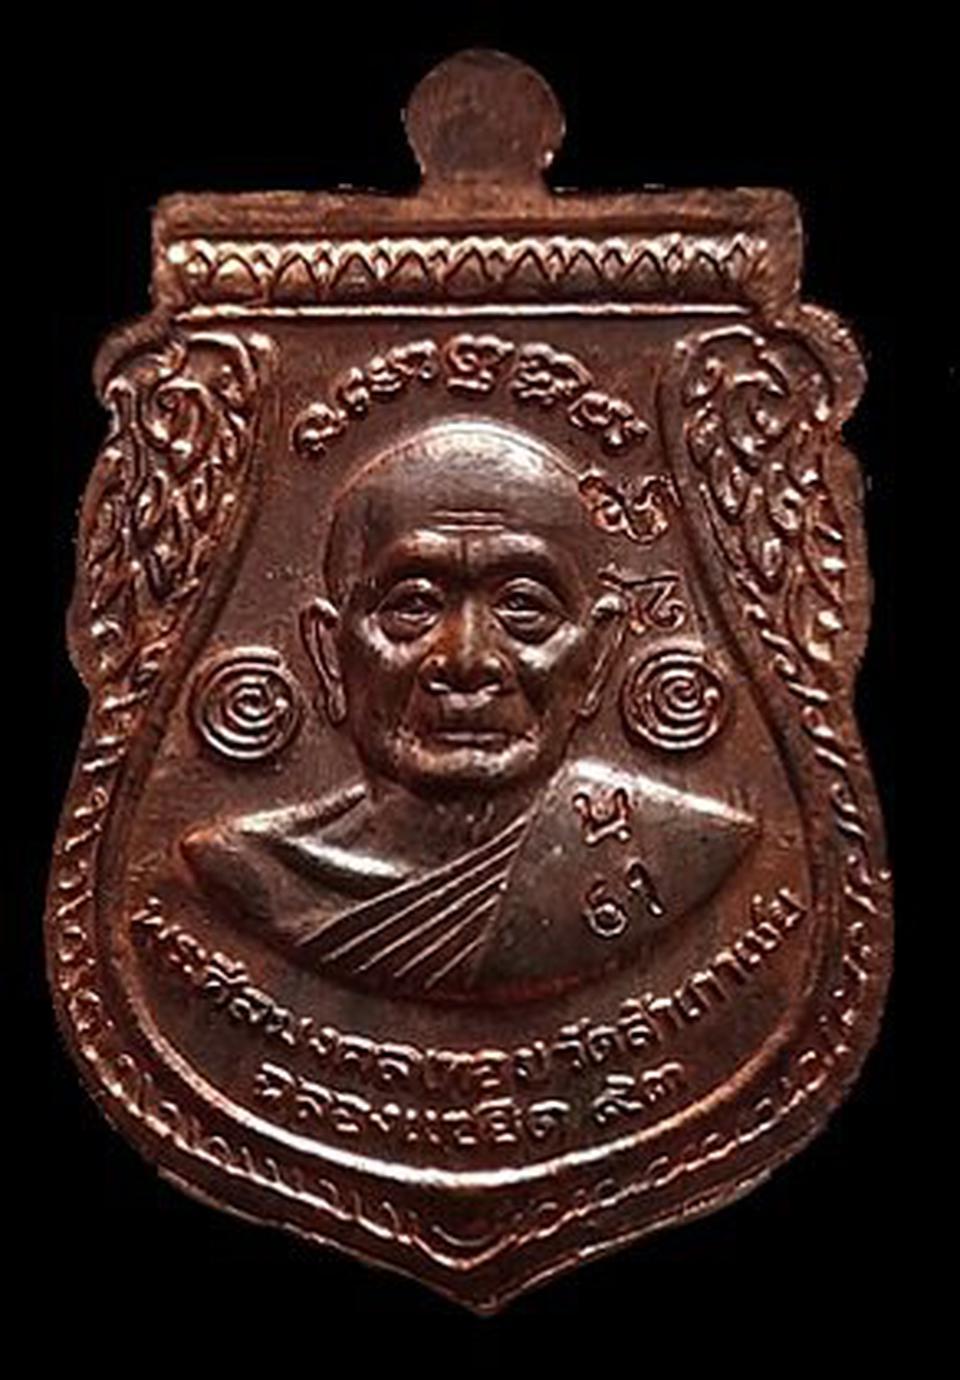 เหรียญเสมาพุทธซ้อนพิมพ์เล็ก หลวงพ่อทวด -หลวงพ่อทอง–พระธาตุเจดีย์ รุ่น แซยิด 93 (เนื้อเงินหลังนวะ) รูปที่ 2